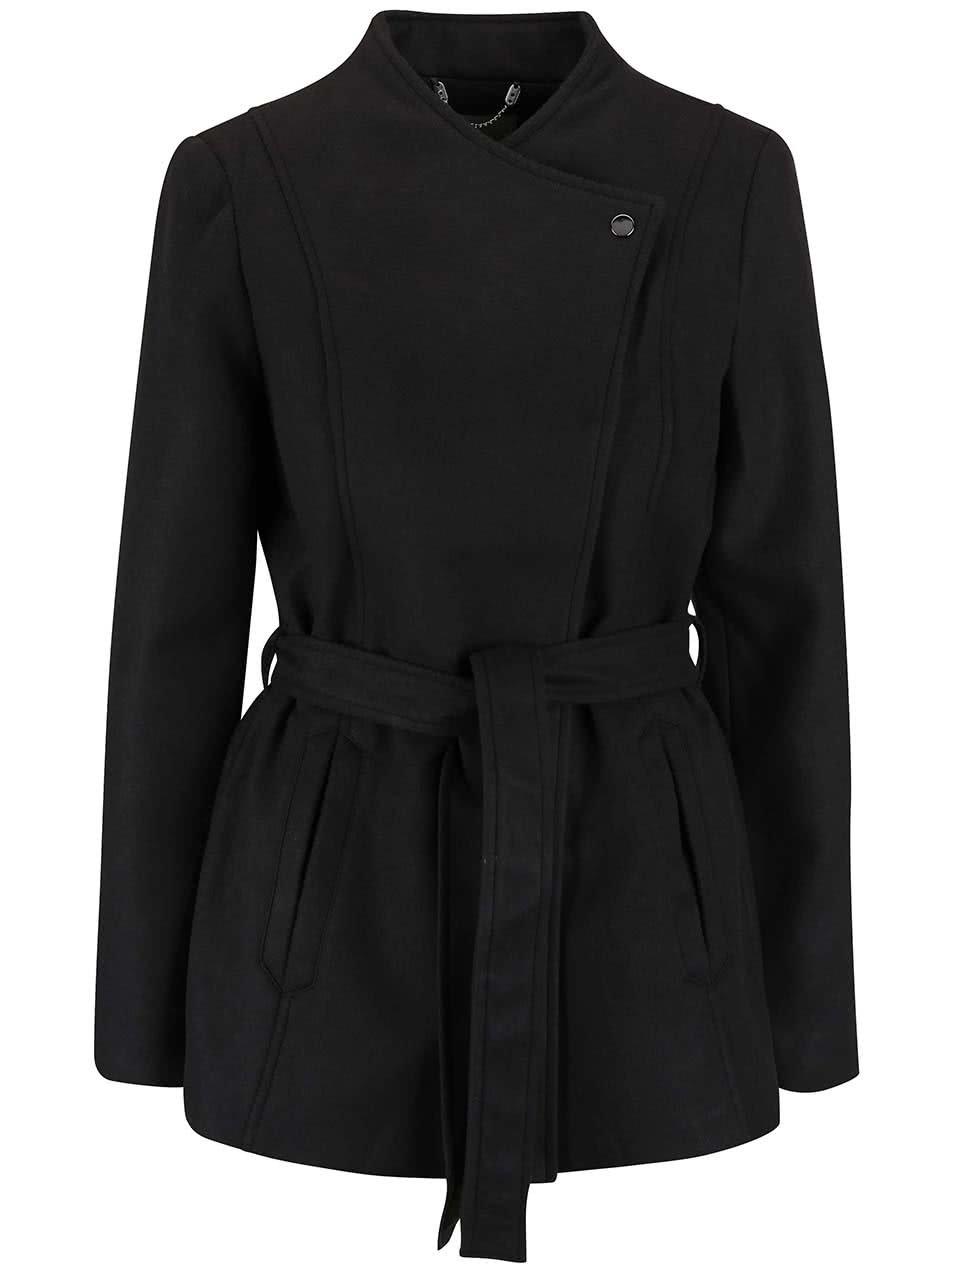 Černý kabát s páskem Vero Moda Fieliga